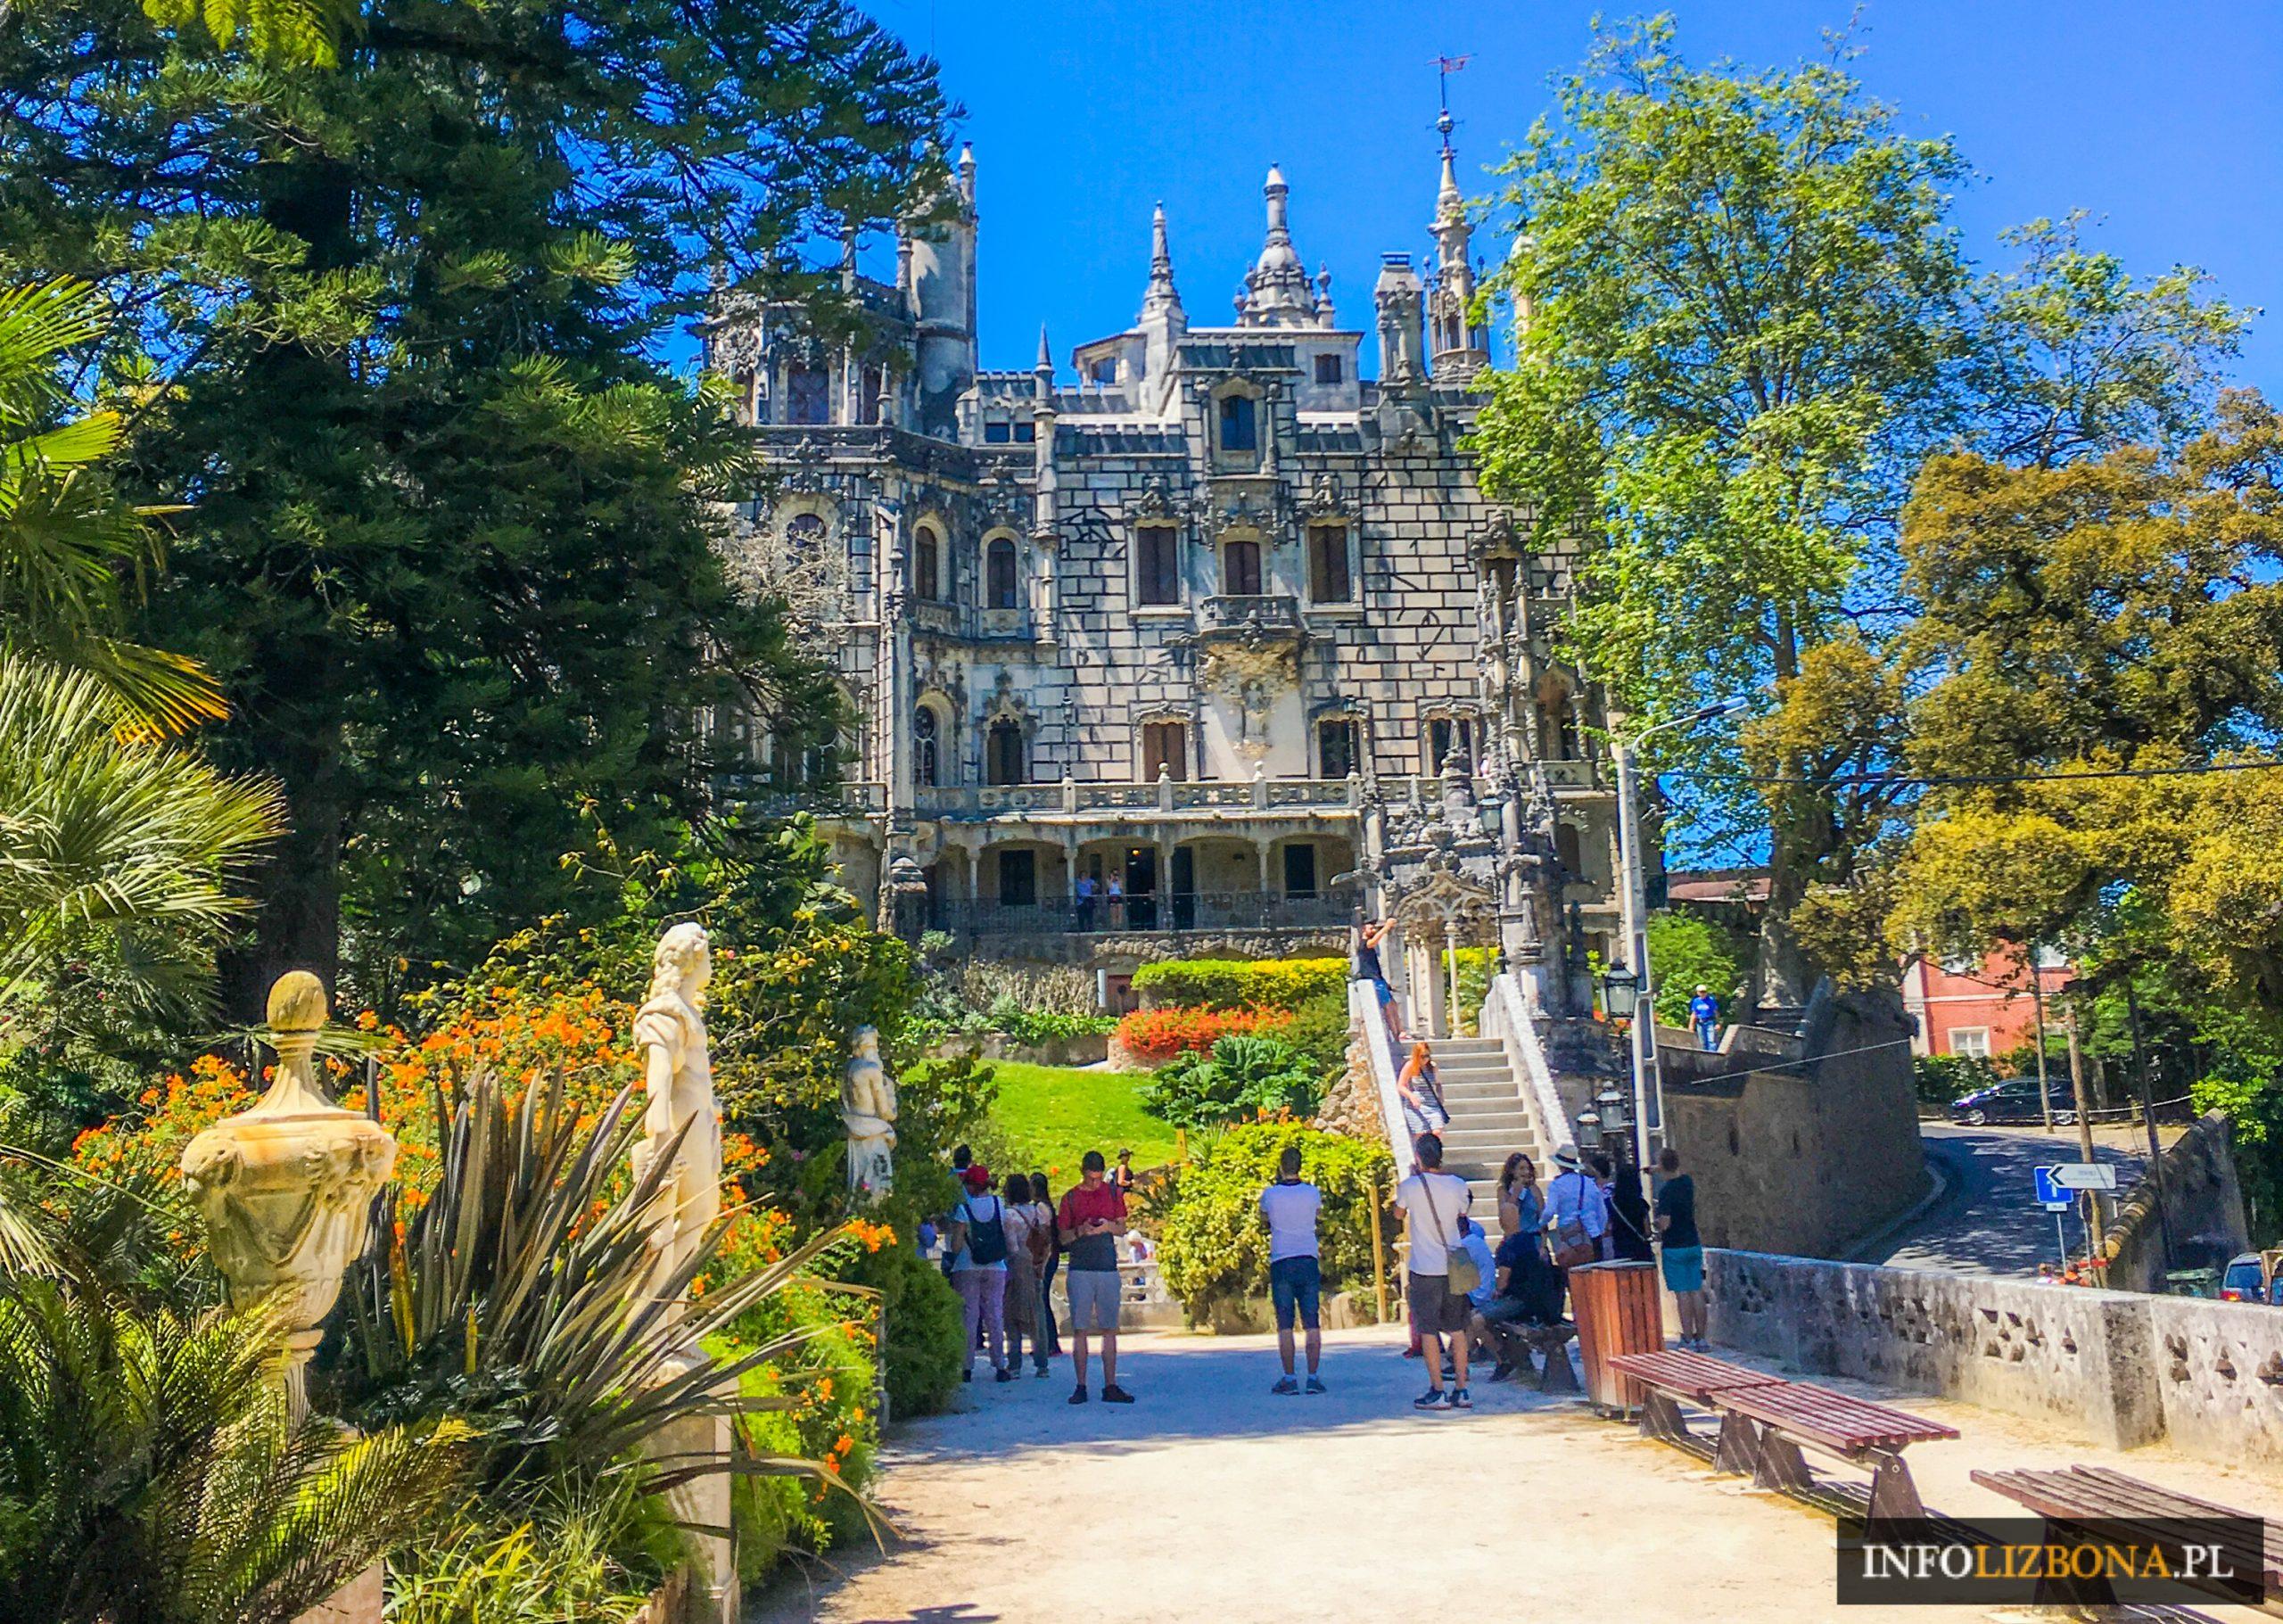 Sintra Quinta da Regaleira Podziemna Studnia Masoni Pałac Park Polski Przewodnik po Sintrze i Lizbonie Wycieczki Zwiedzanie Masoni Templariusze Tajemnice Opis Bilety Mapa